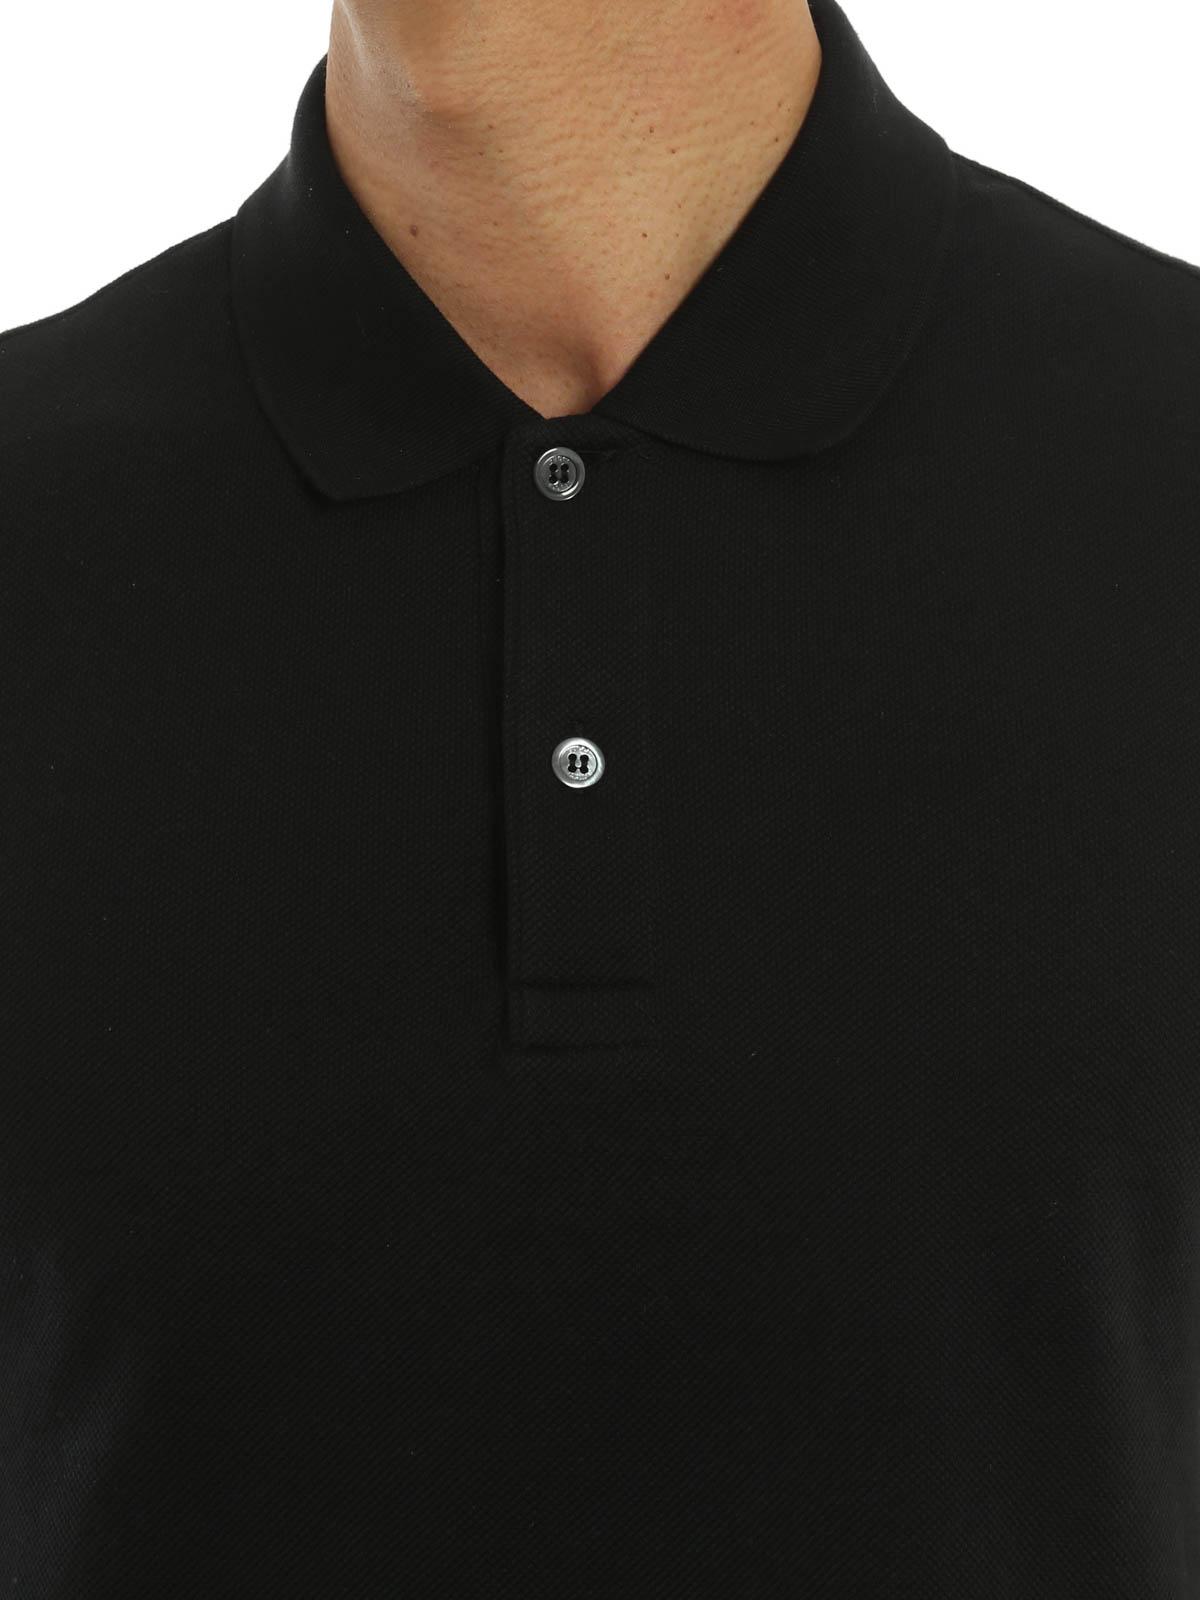 a8eaa0fe5ed Gucci Polo Shirts Cheap - DREAMWORKS